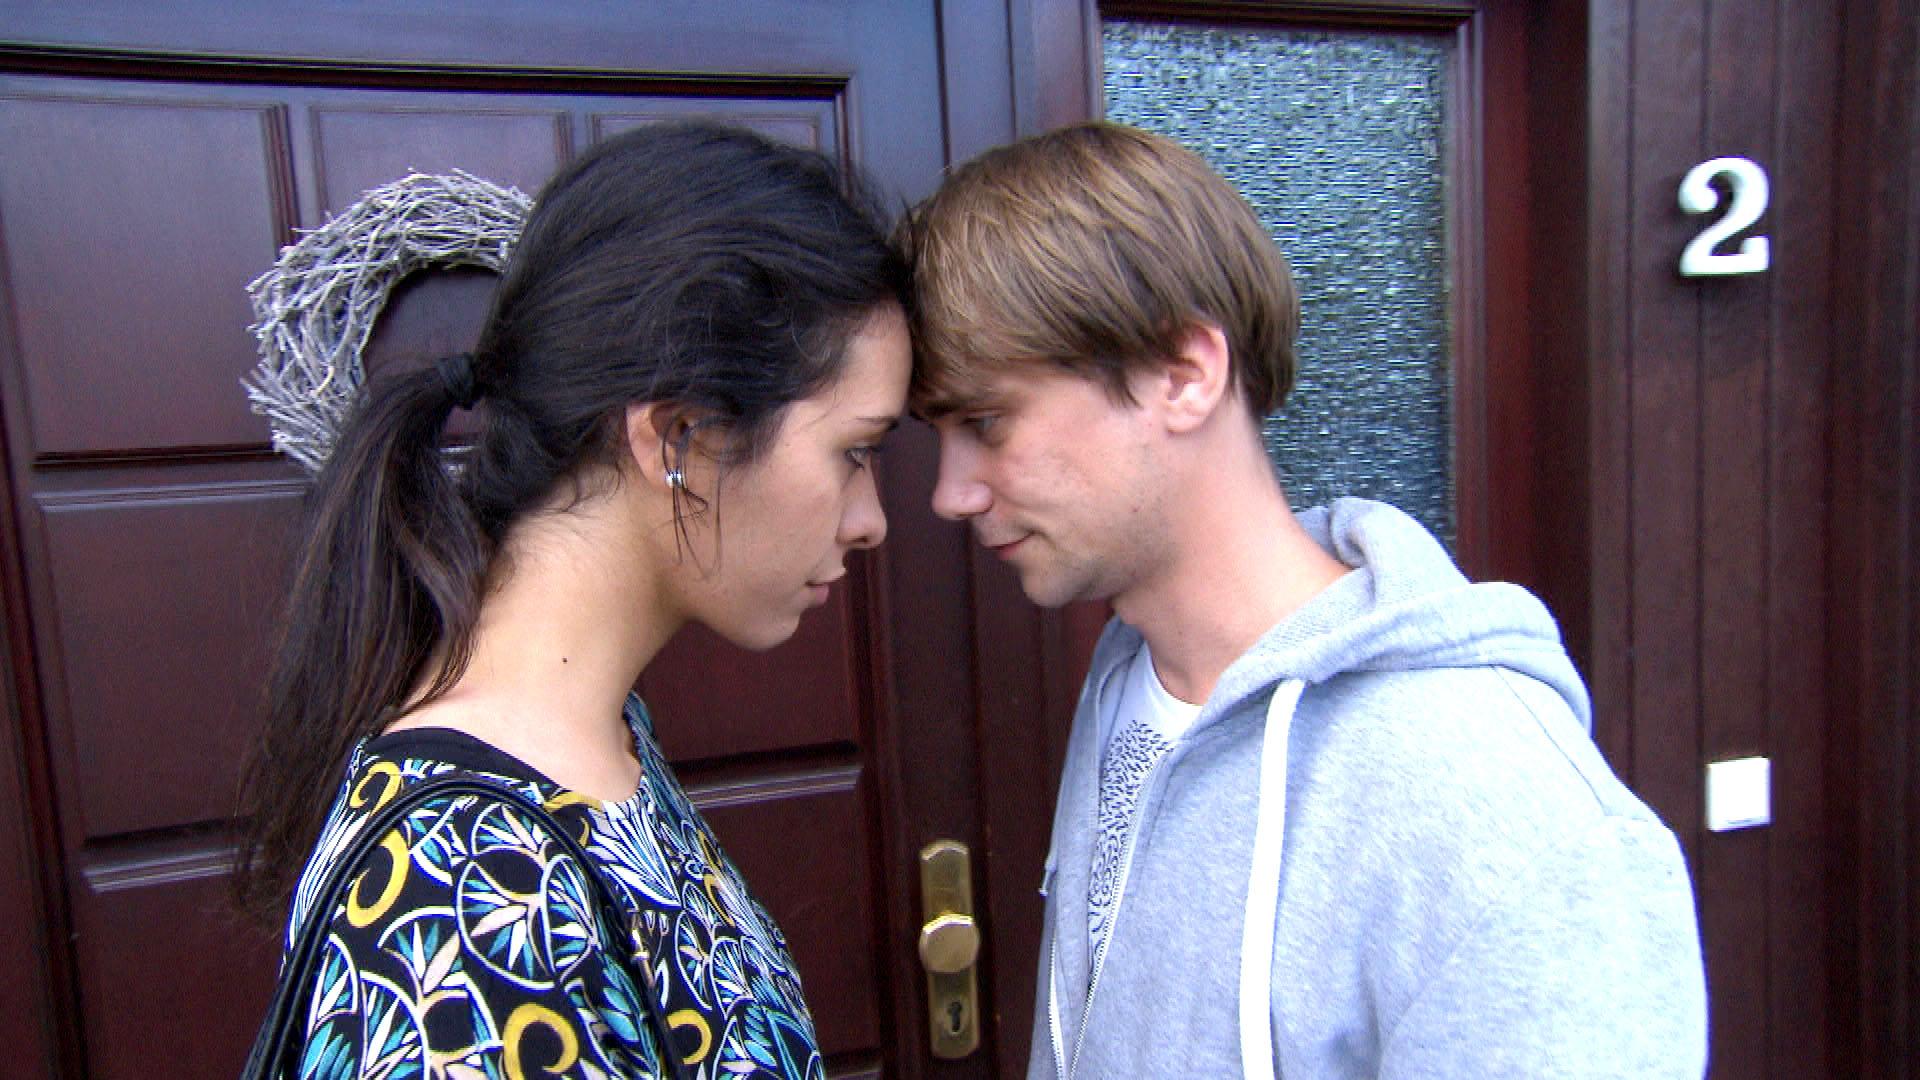 Elif,li. wird von ihrem Bruder vor der ganzen Familie mit einem Basketball-Video konfrontiert, auf dem Schmidti,re. und sie sich küssen. (Quelle: RTL 2)